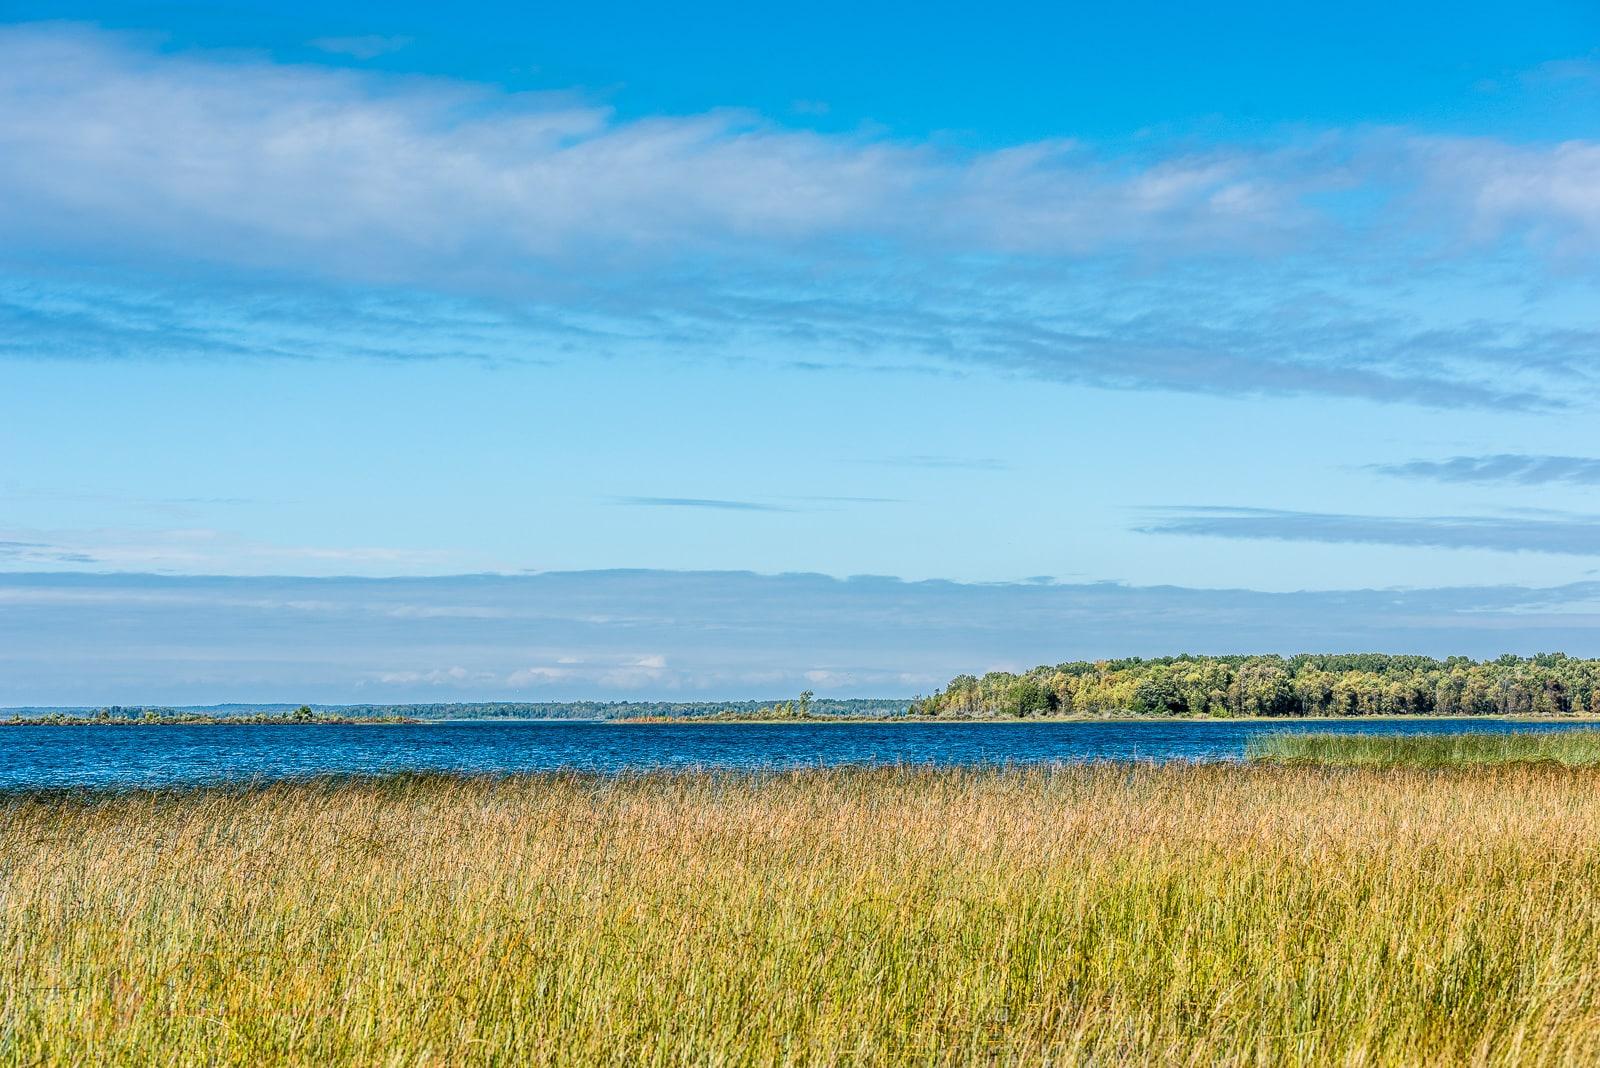 Die Welt ist rund - Manitoulin Island (Kanada) - Foto: Michael Stollmann